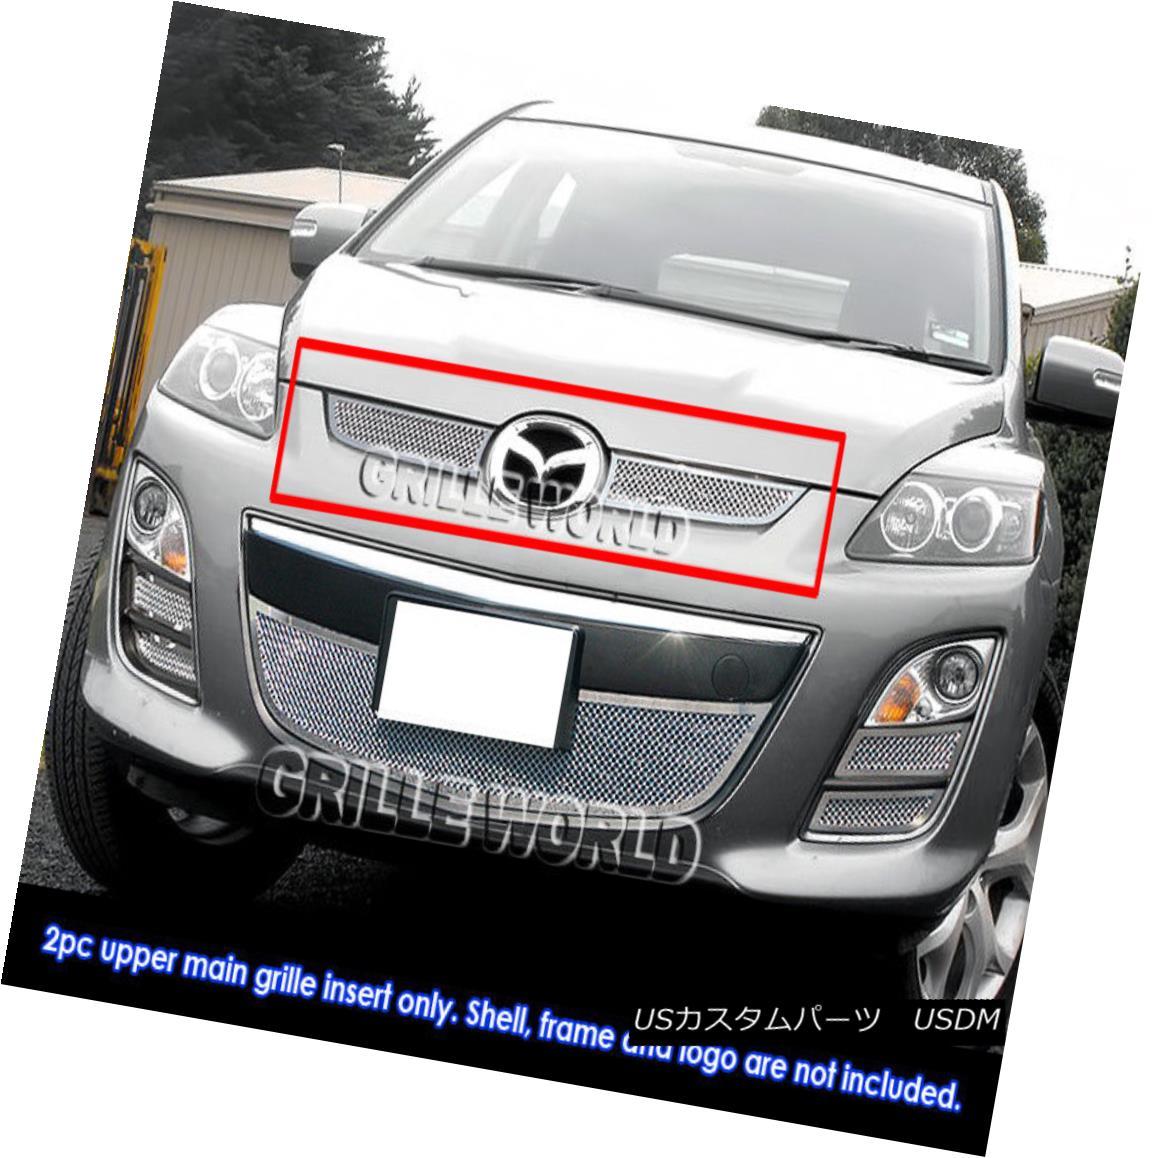 グリル For 2010-2012 Mazda CX7 i/CX-7 s Stainless Steel Mesh Grille Grill Insert 2010-2012マツダCX7 i / CX-7用ステンレスメッシュグリルグリルインサート